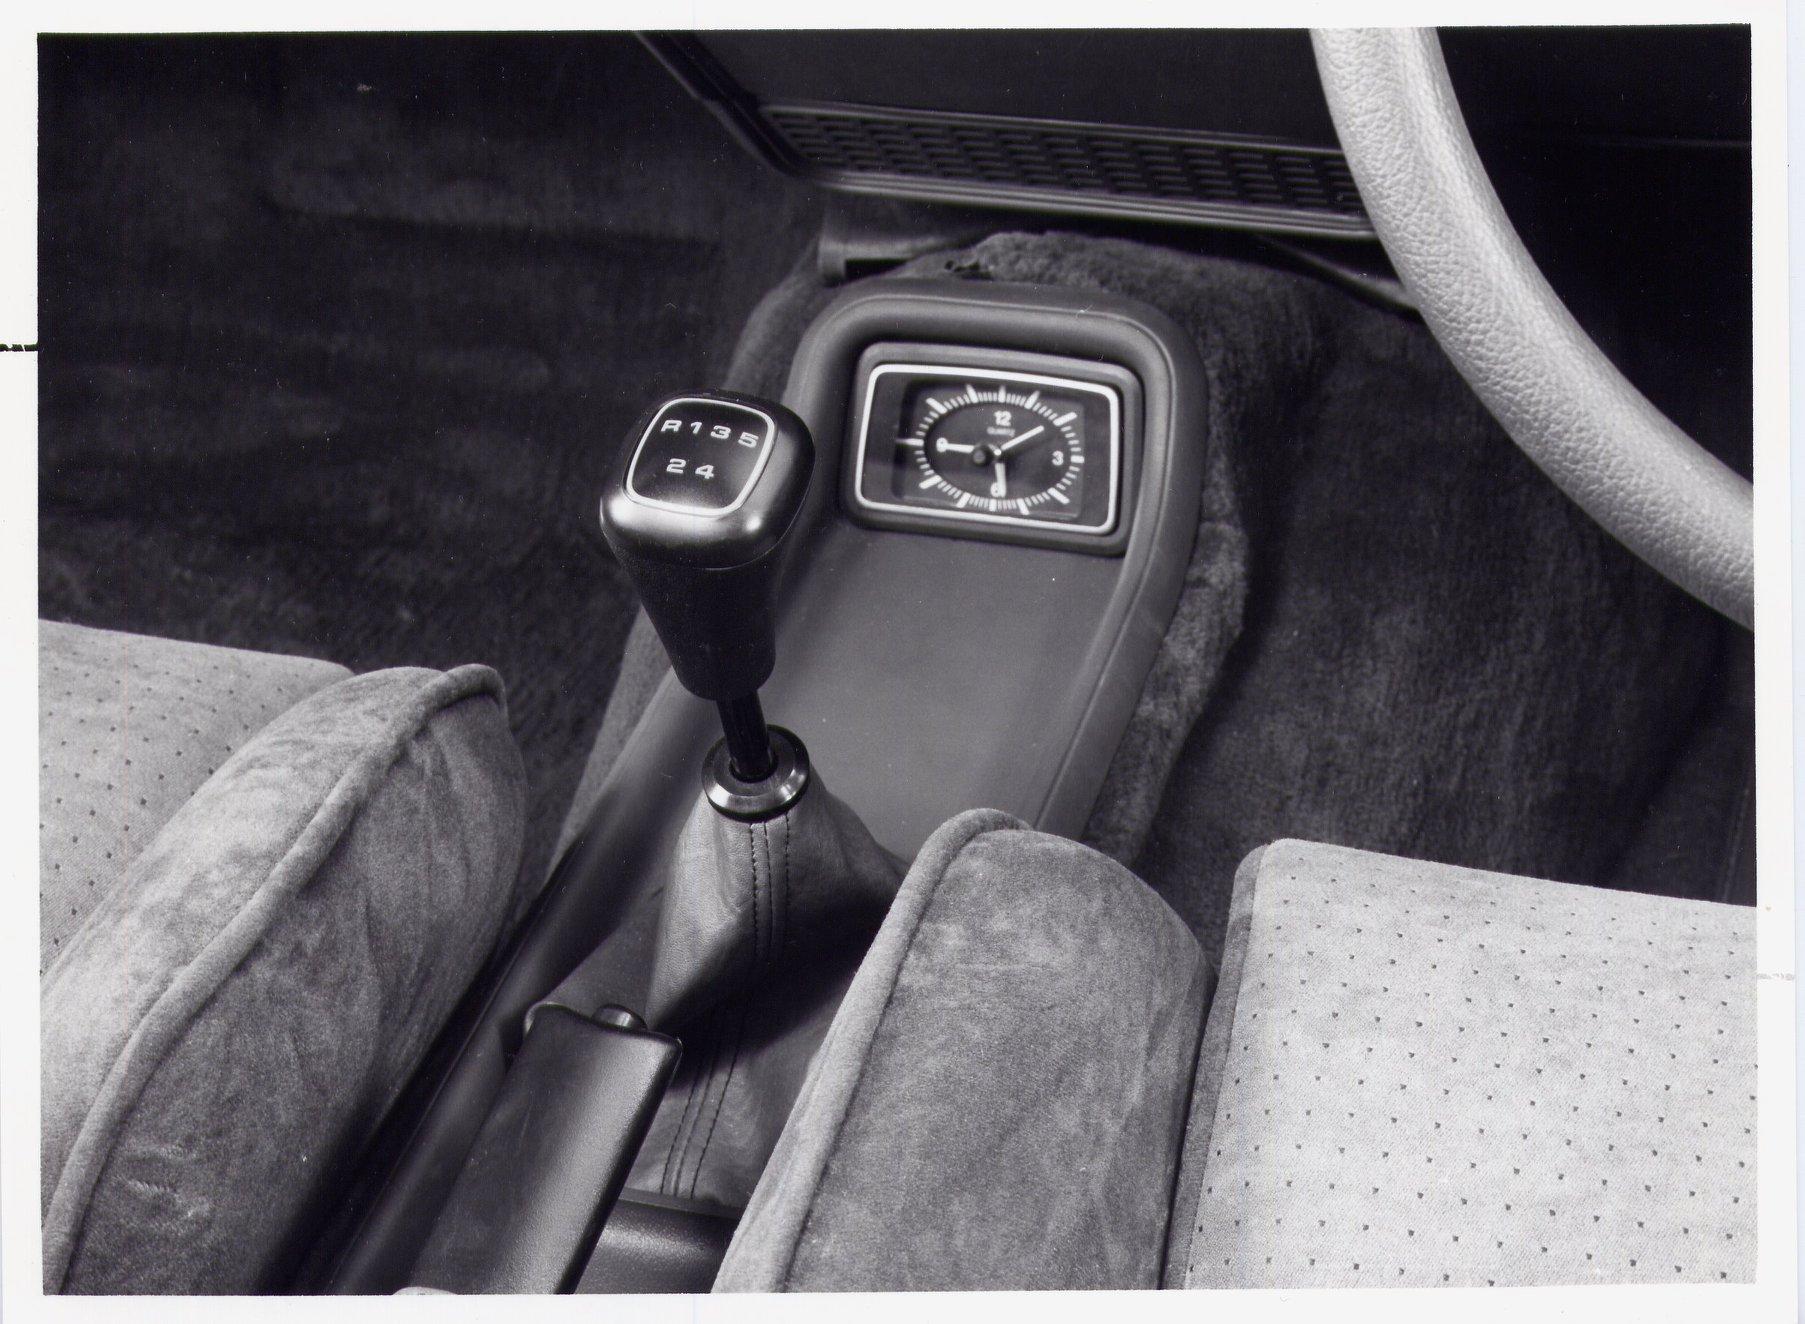 2.8i-1983-lansering-av-5-gir-2